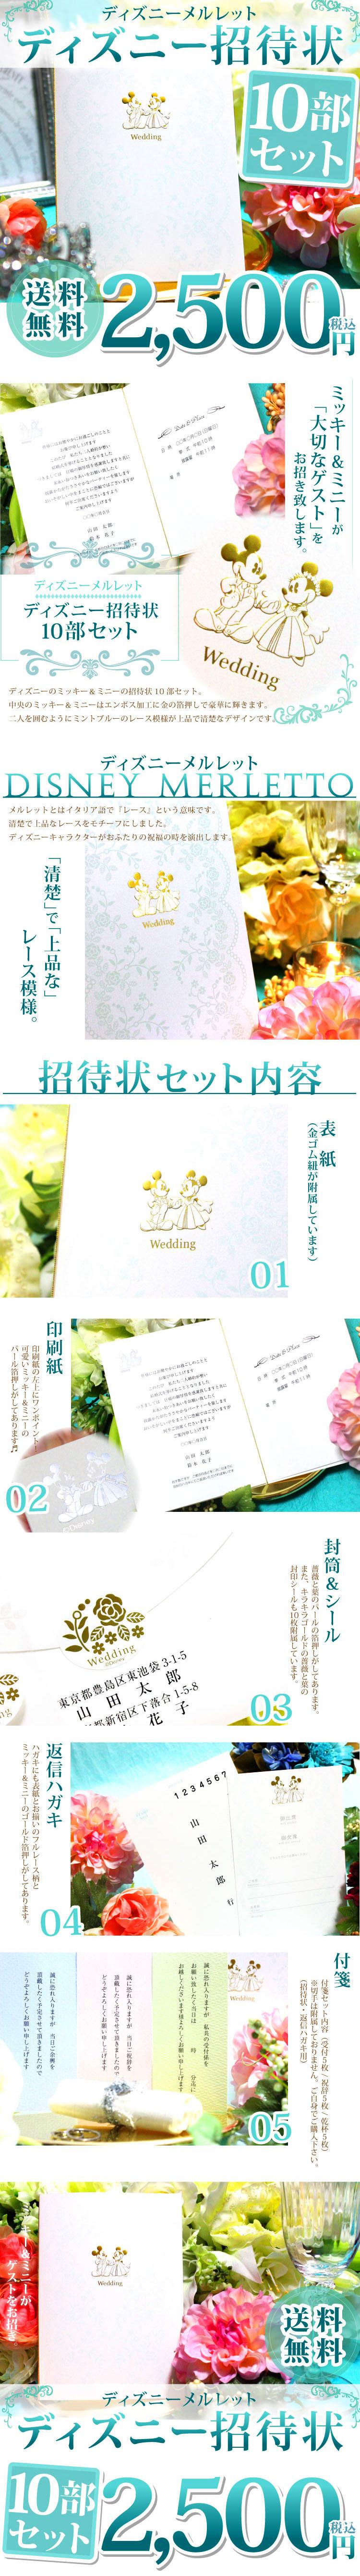 結婚式招待状「ディズニーメルレット」【手作りキット】